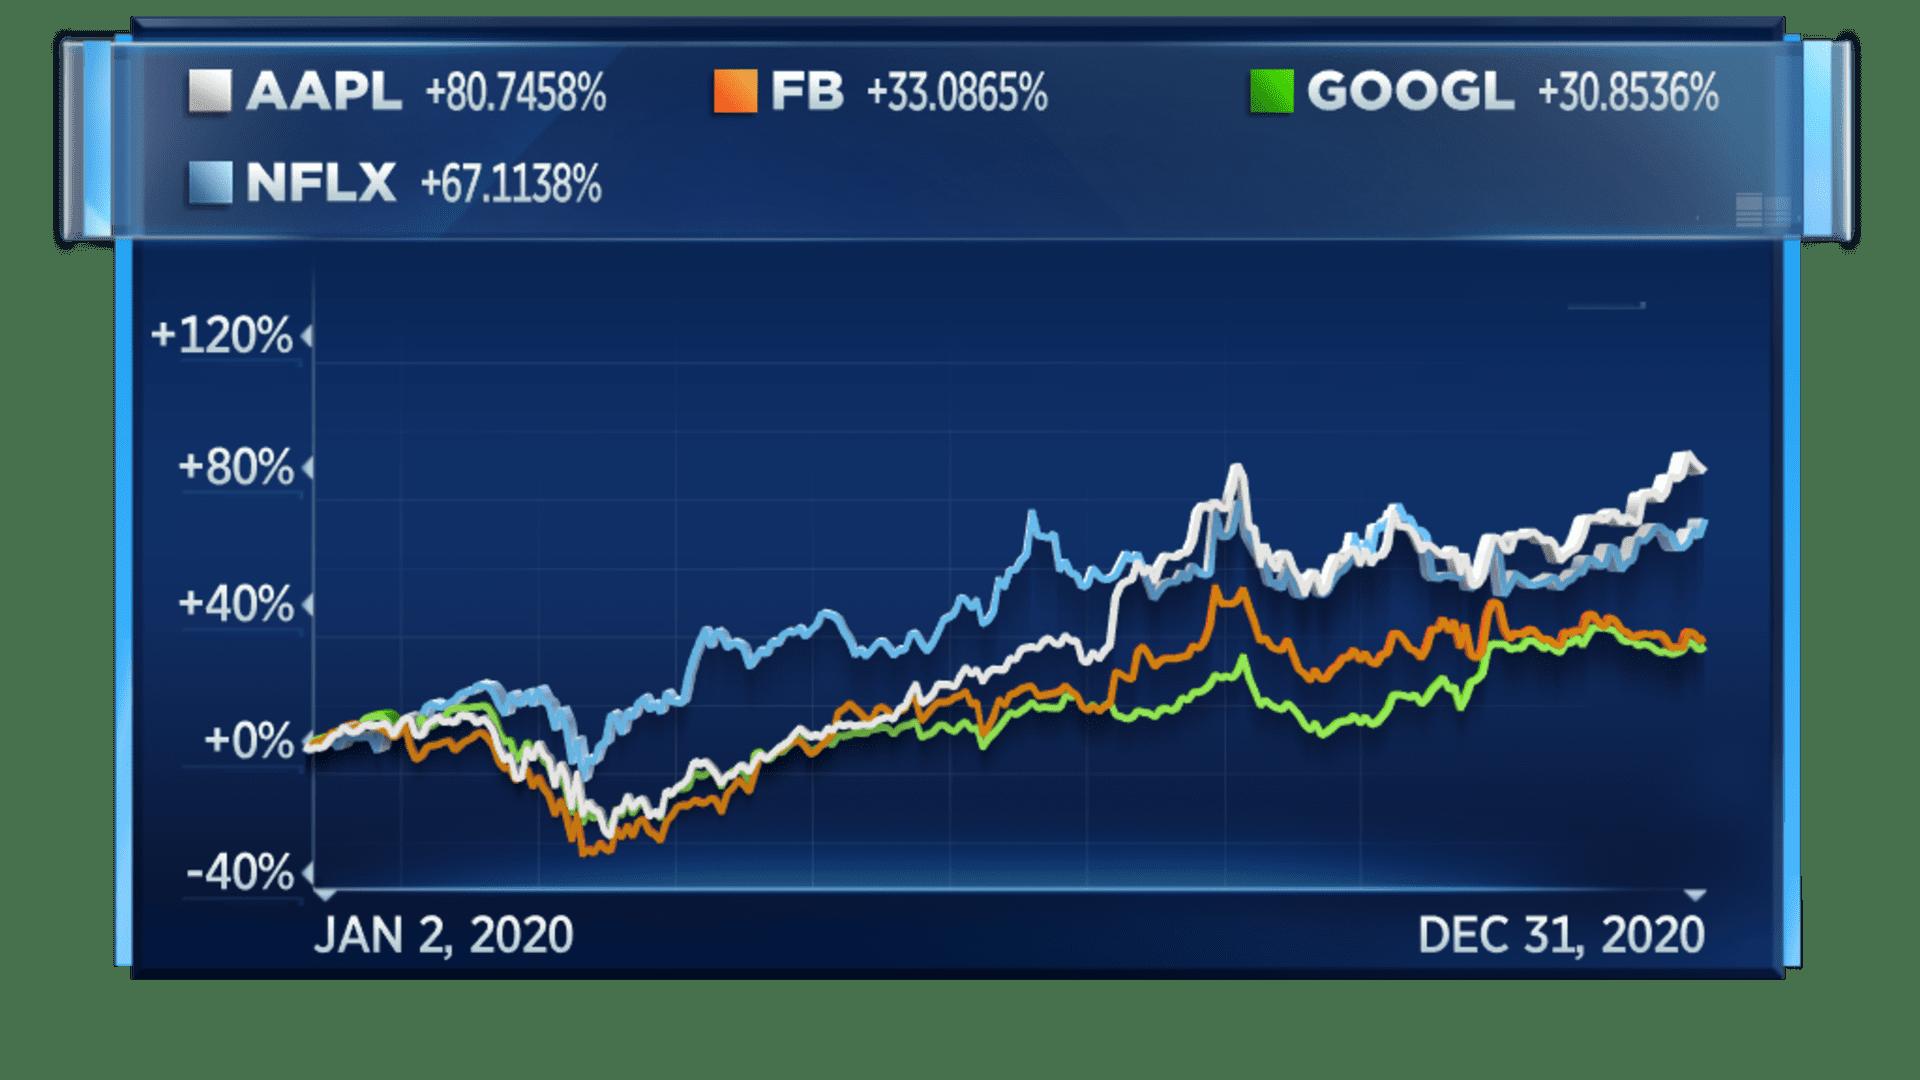 Tech stocks rallied in 2020